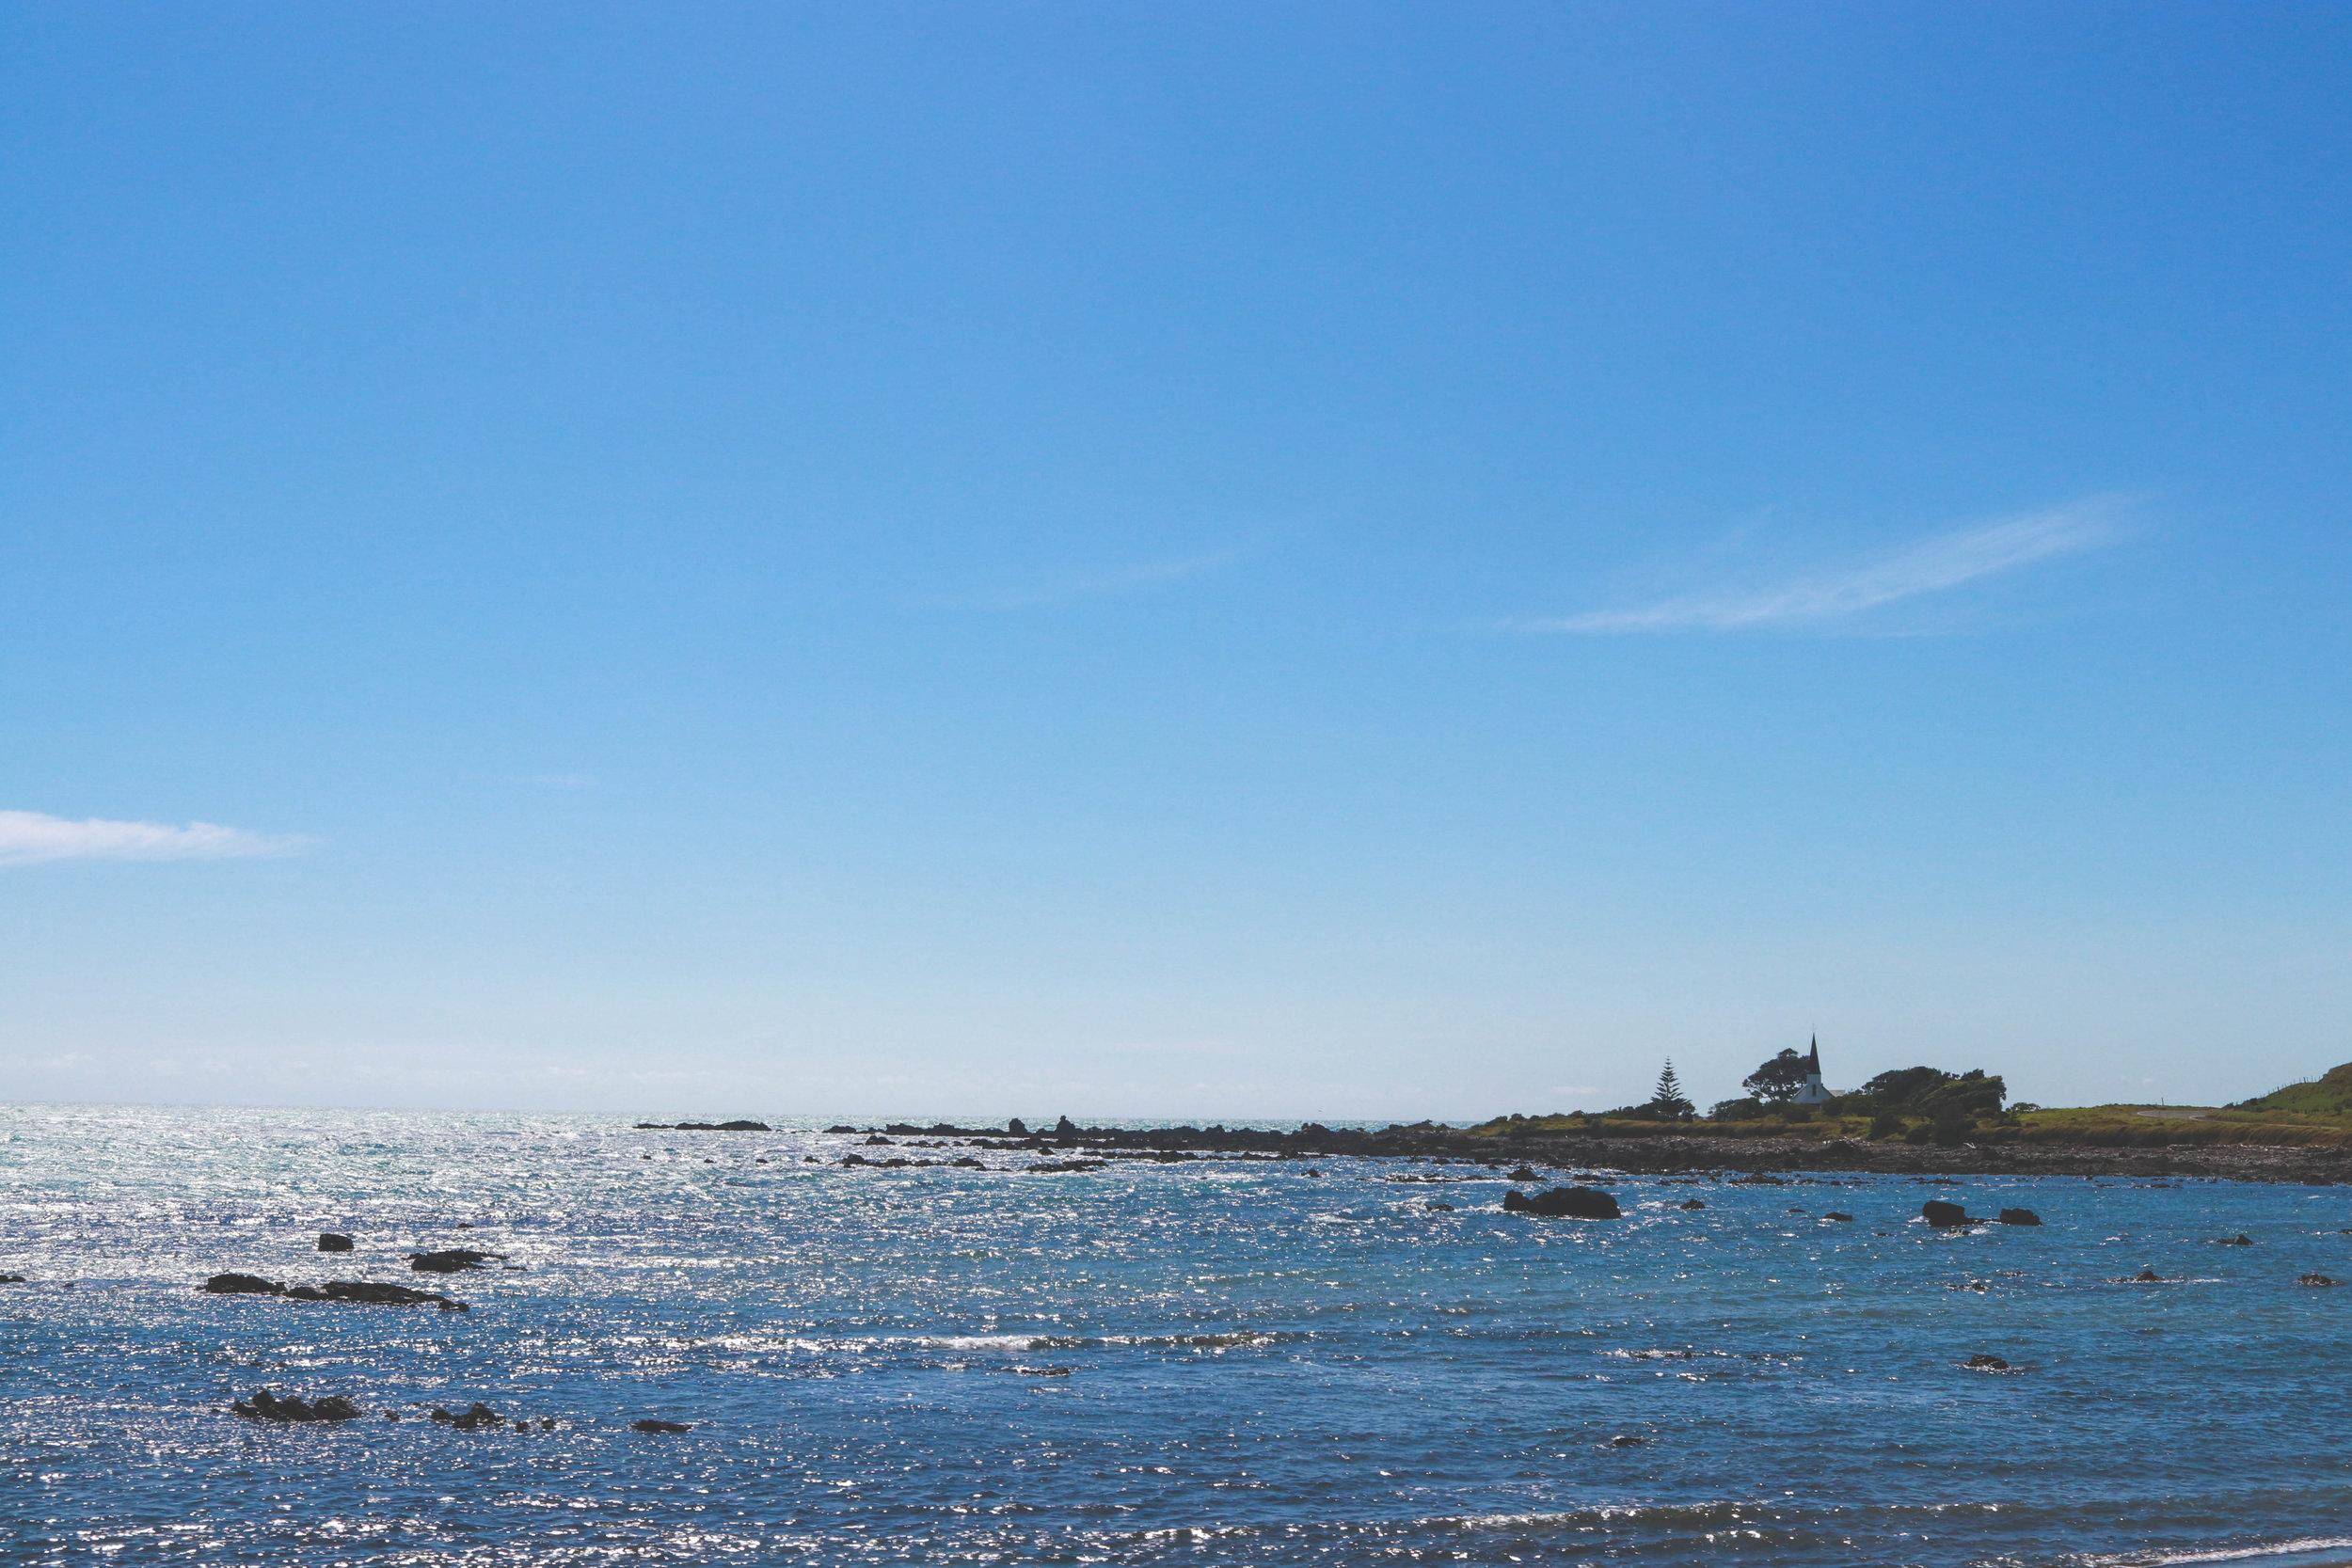 Churches dot the coastline